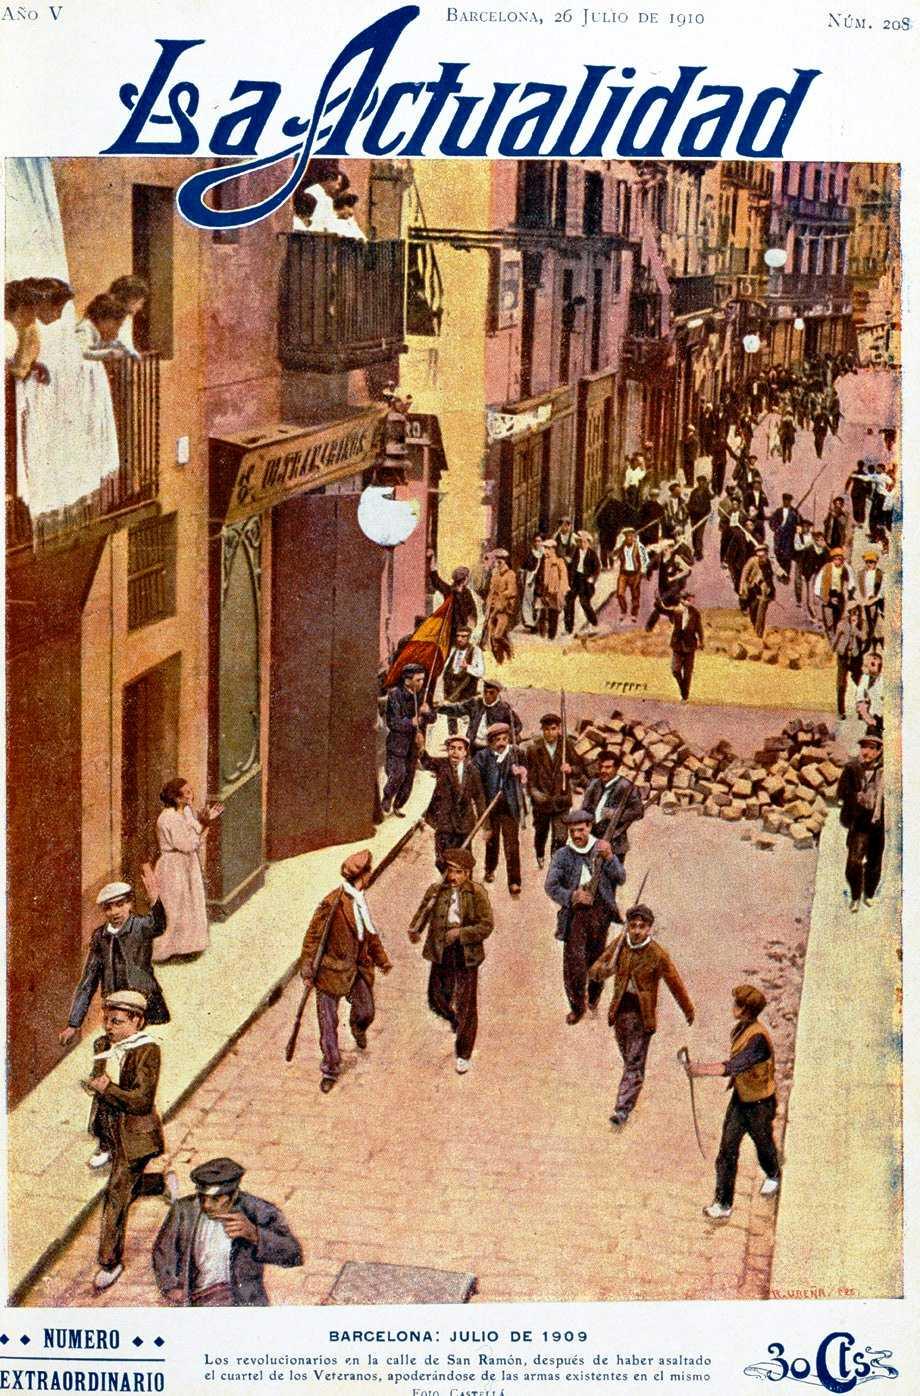 """Assalt a la Caserna dels Veterans. Foto de Català colorejada i retocada per """"La Actualidad"""" del 26 de setembre de 1910"""